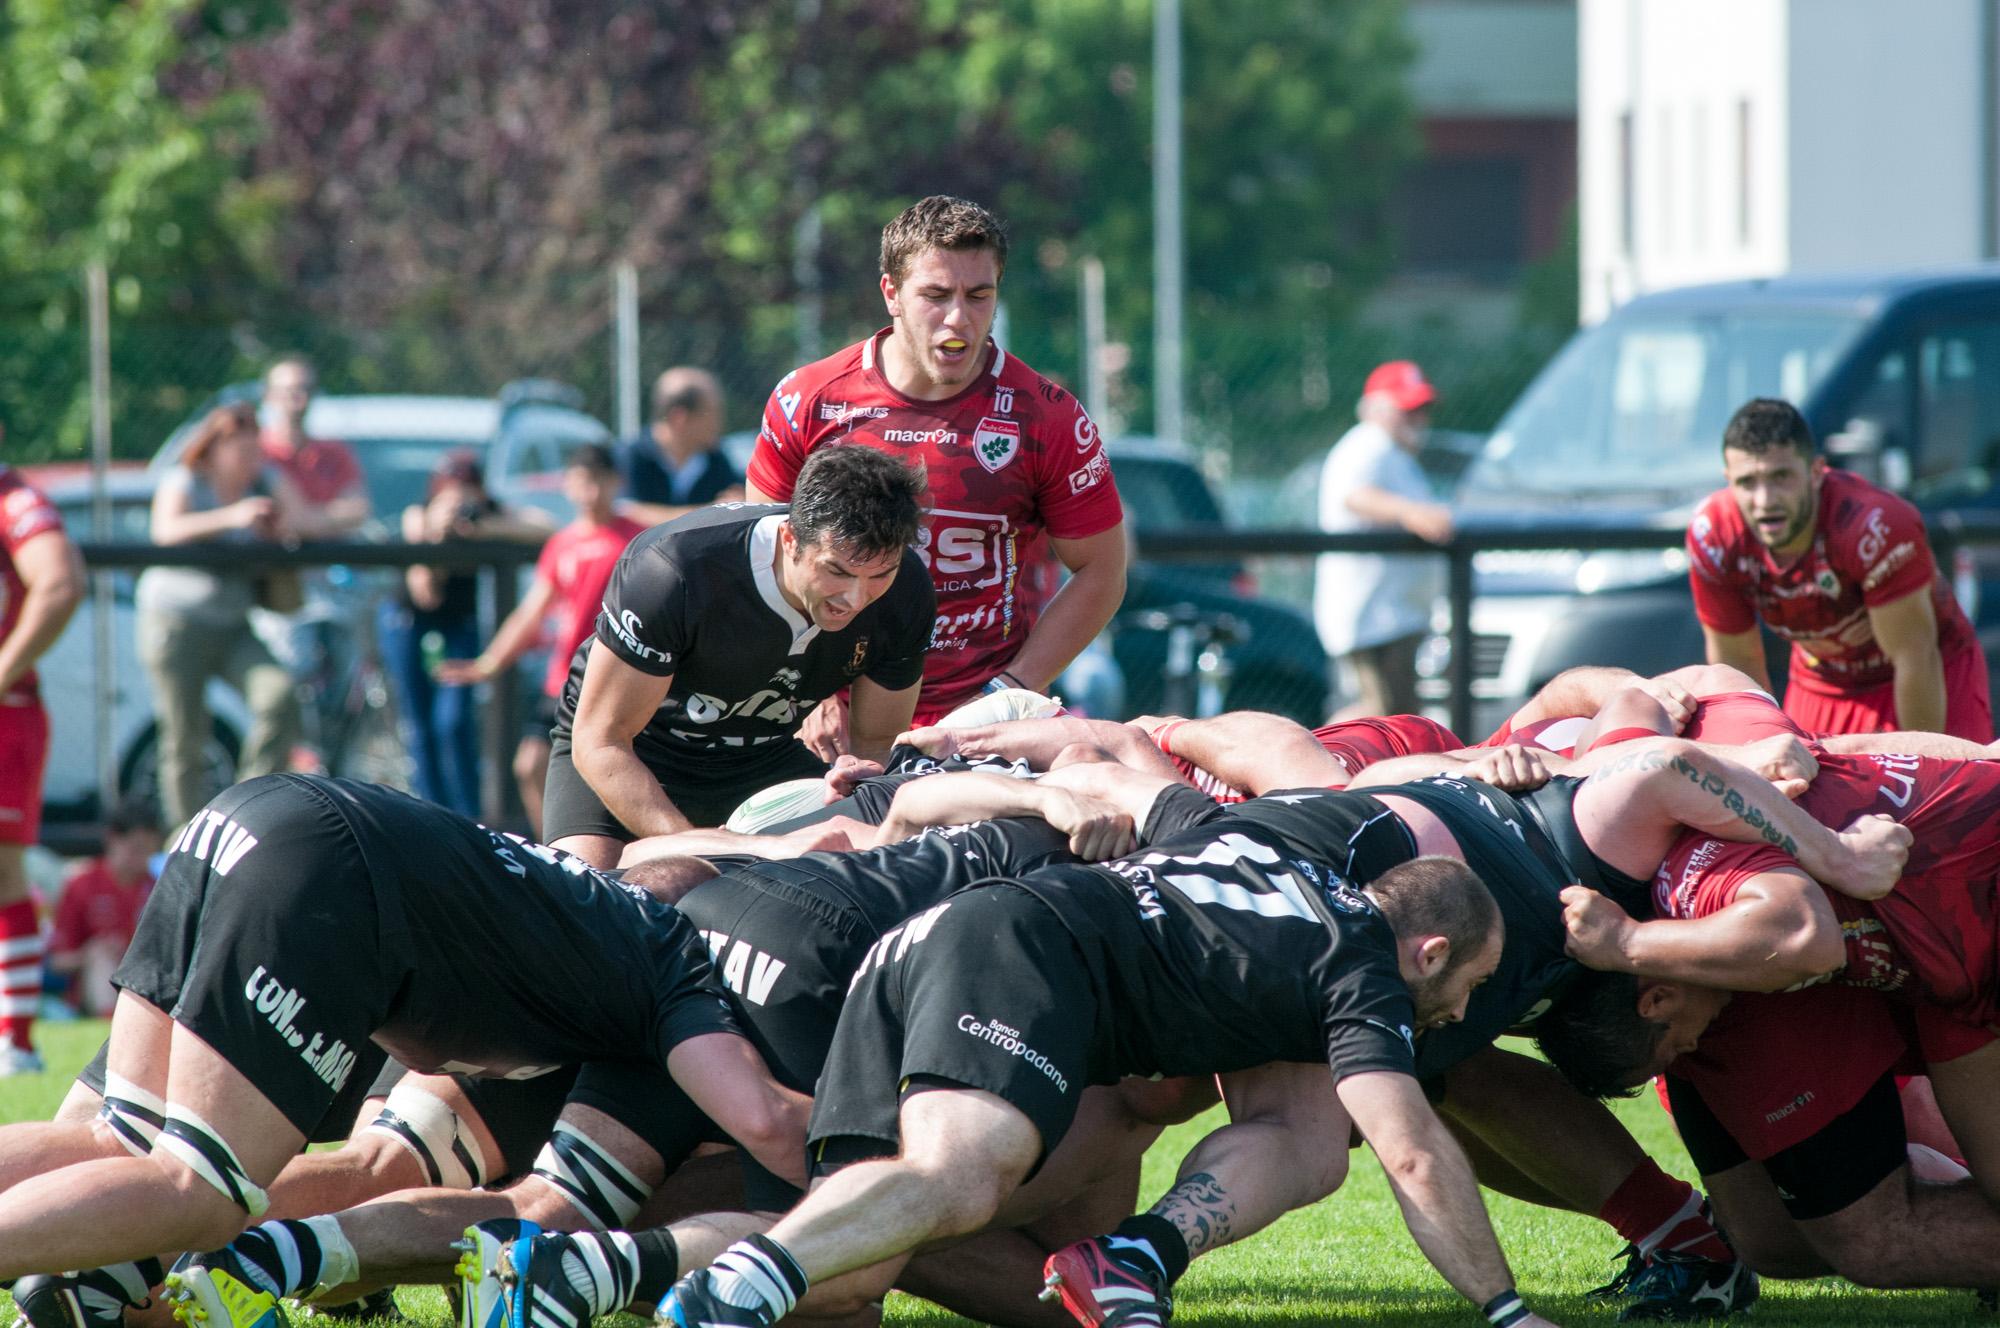 Rugby Colorno vs Lyons - Cammi (danani) petrarelli.a